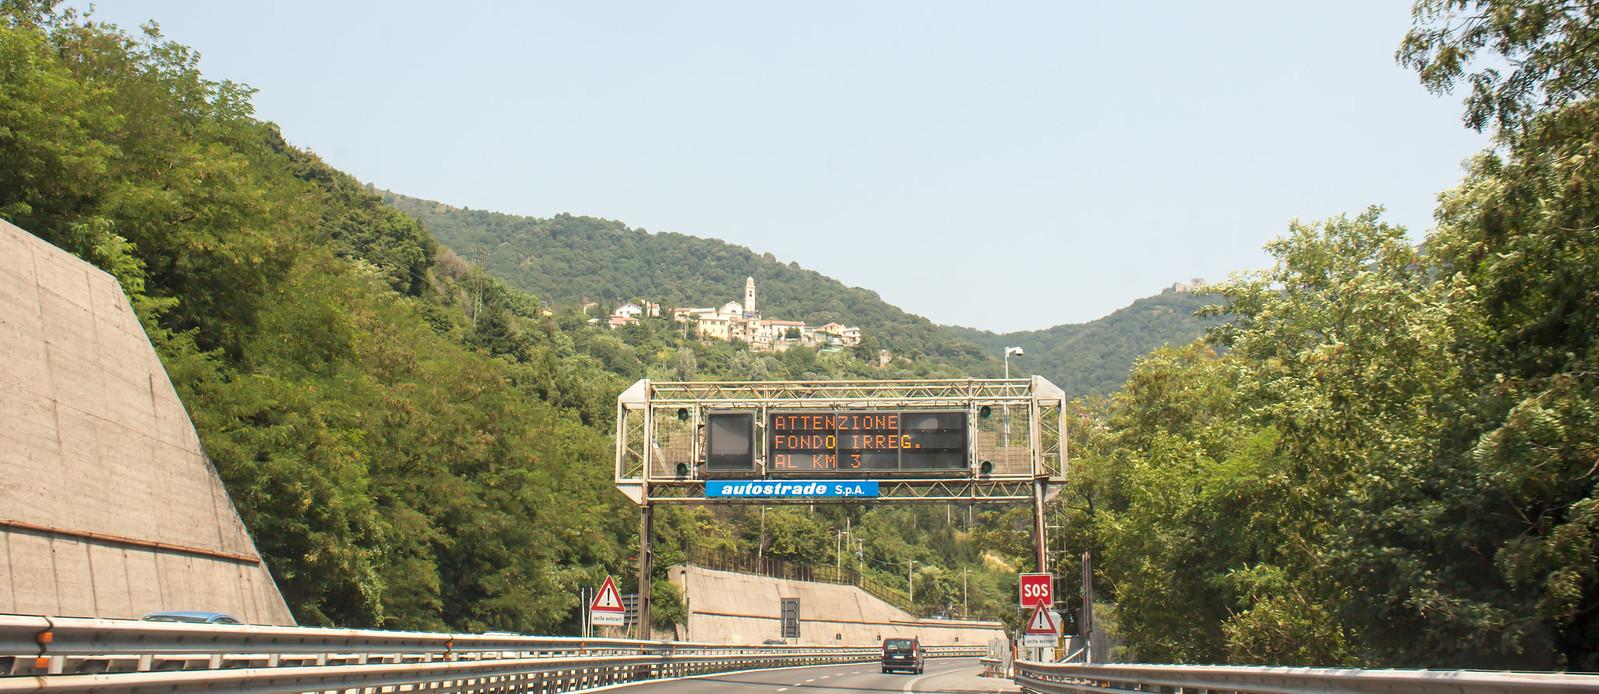 Совсем на подъезде к Генуи, предупреждают о частом обраховании заторов на следующих 3 километрах.